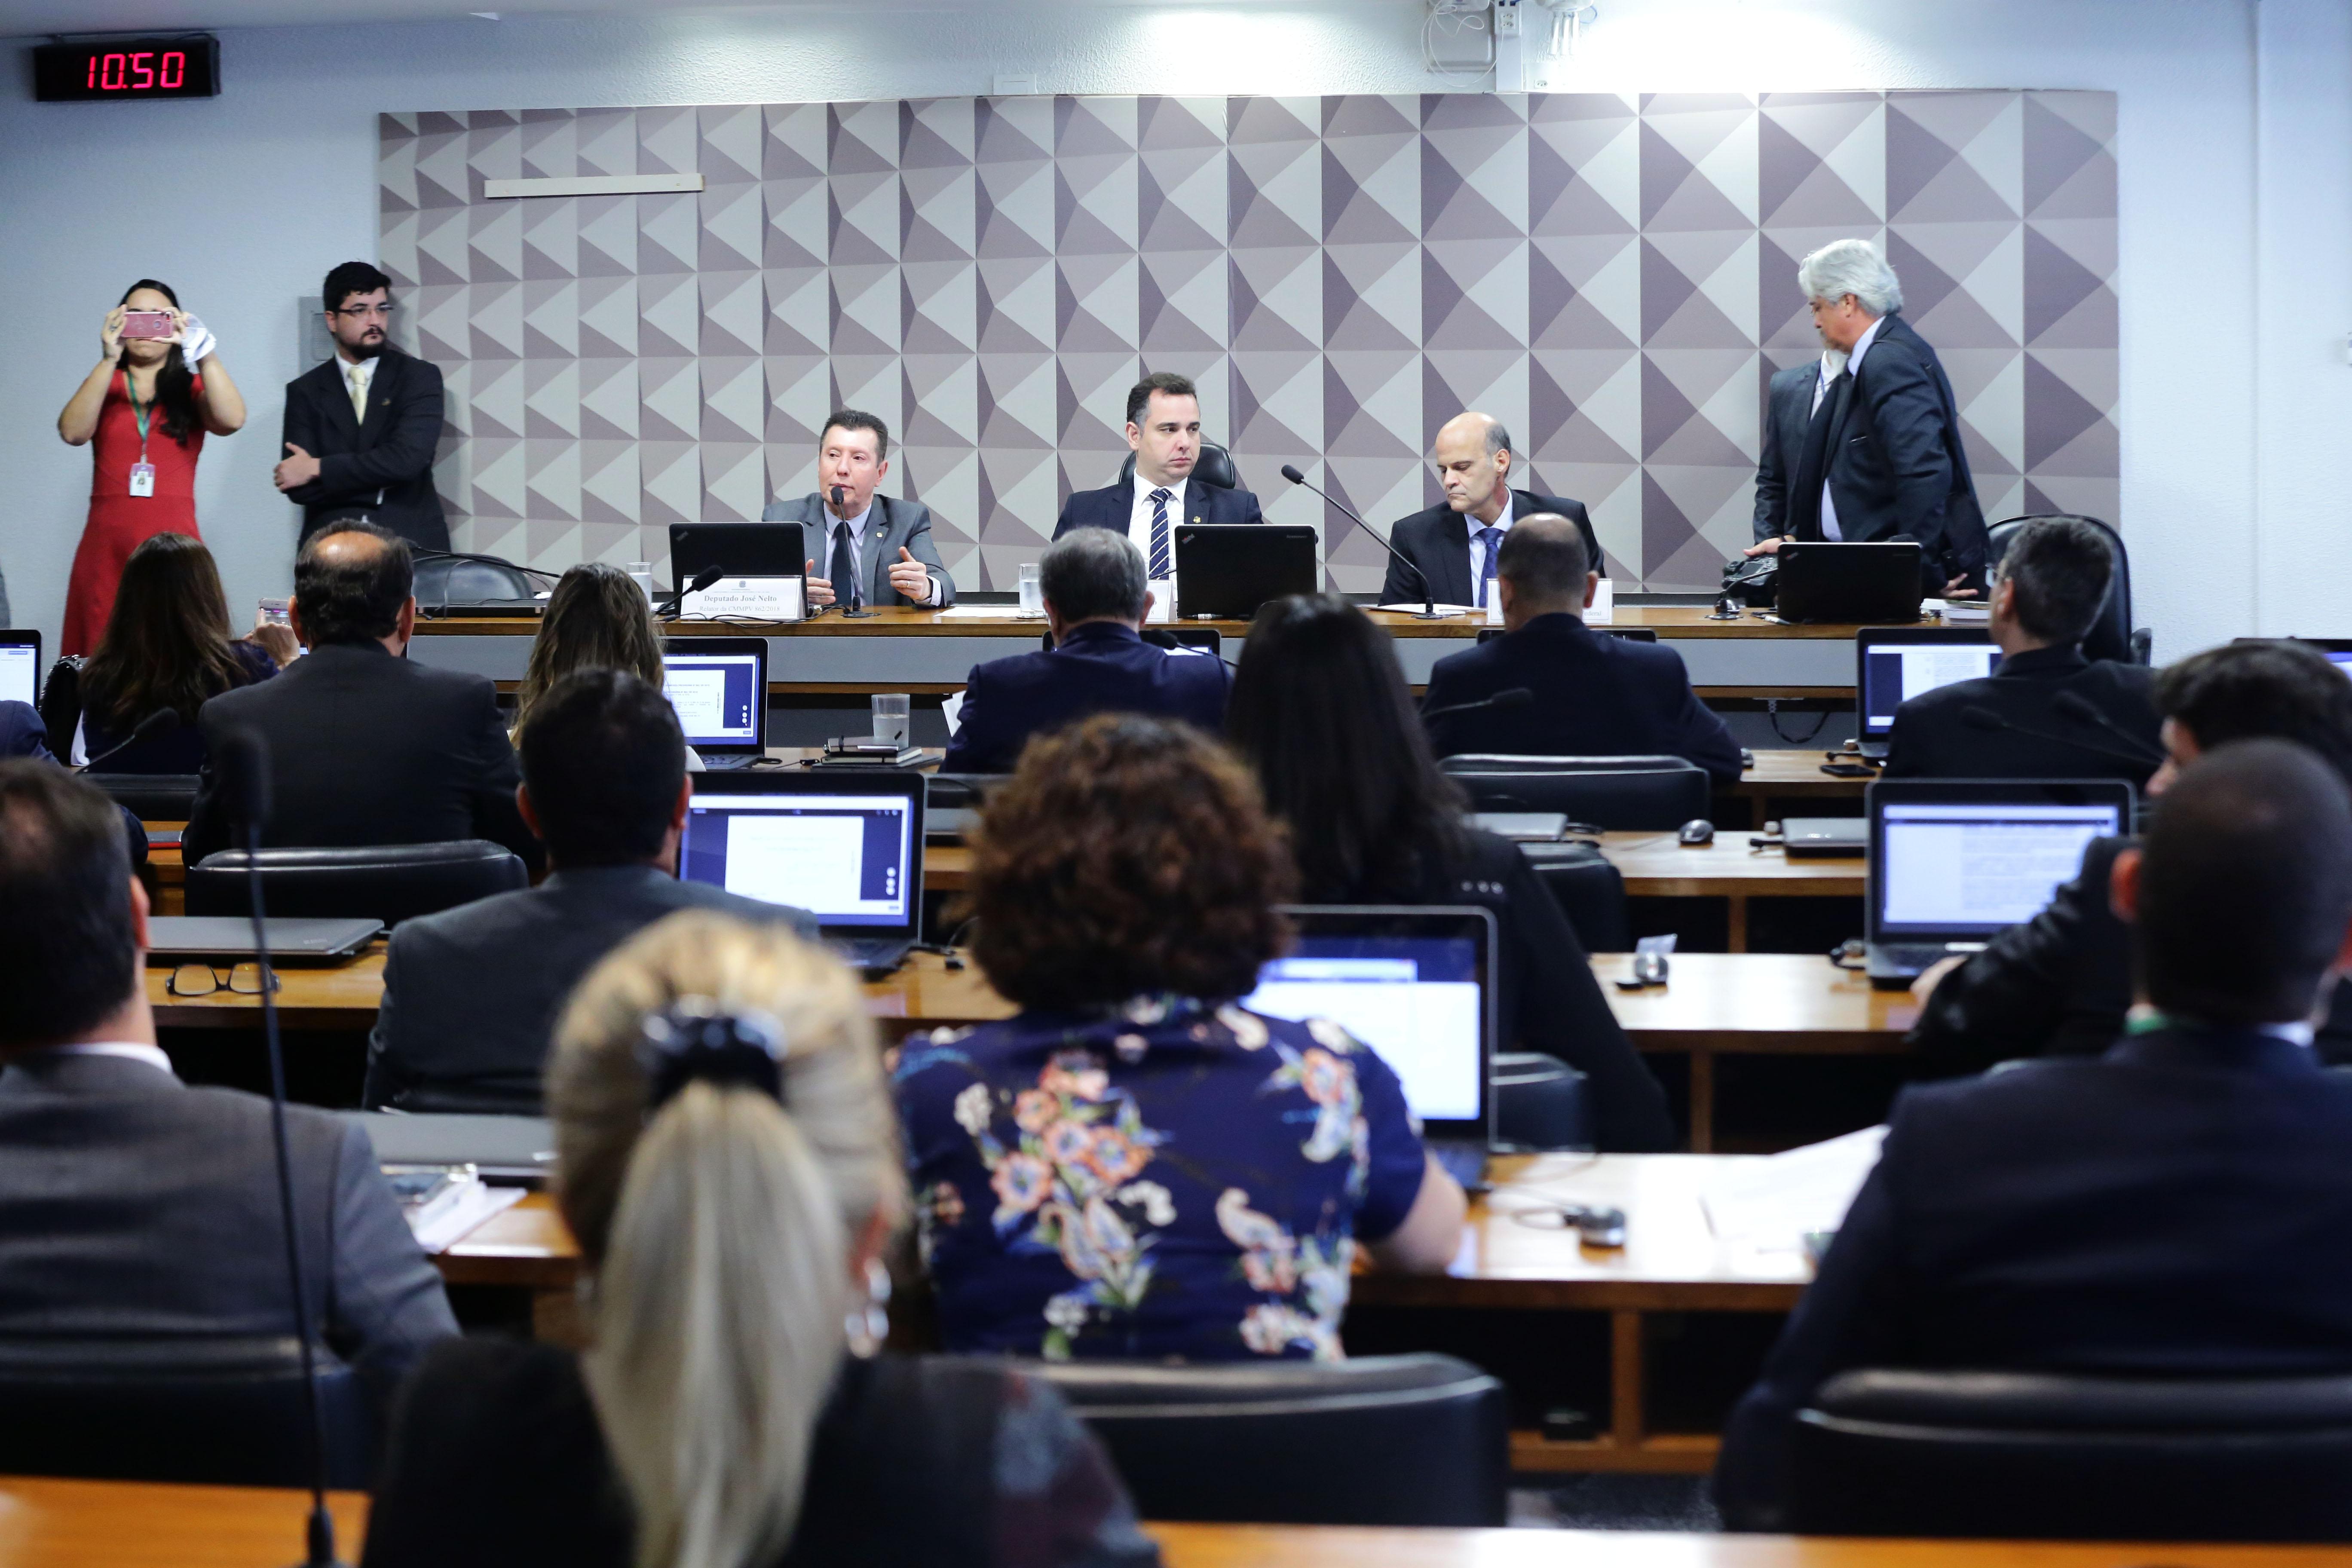 Comissão Mista da Medida Provisória nº 862, que Altera a Lei nº 13.089, de 12 de janeiro de 2015, que institui o Estatuto da Metrópole